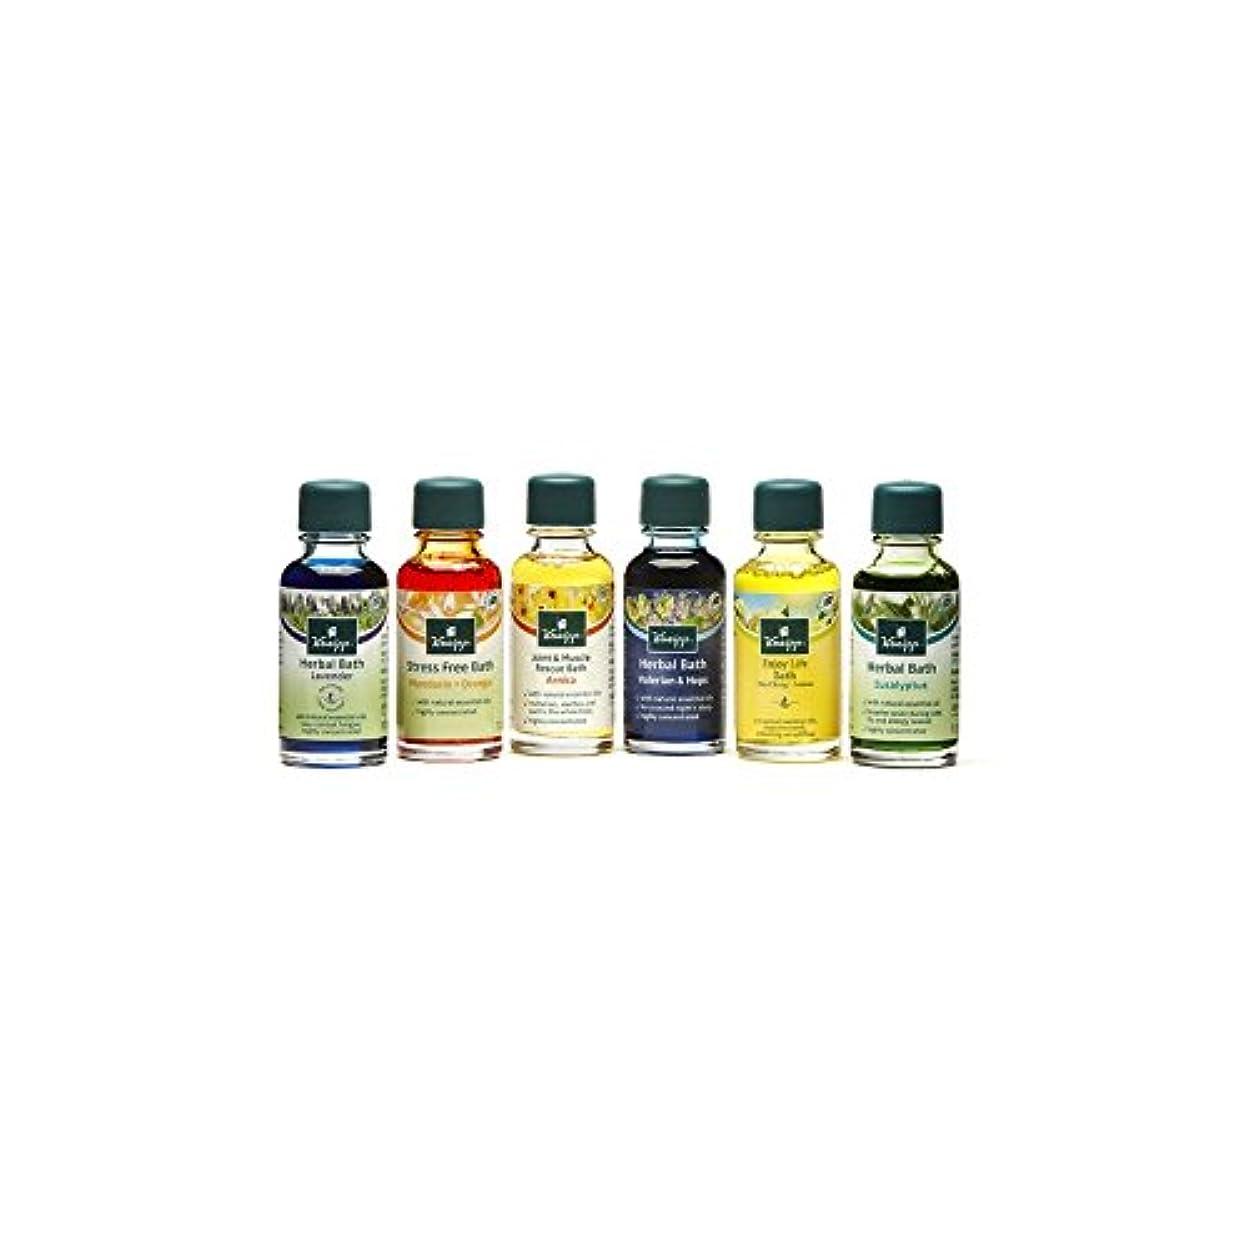 独裁構造バトルKneipp Bath Oil Collection (6 x 20ml) (Pack of 6) - クナイプバスオイルコレクション(6×20ミリリットル) x6 [並行輸入品]